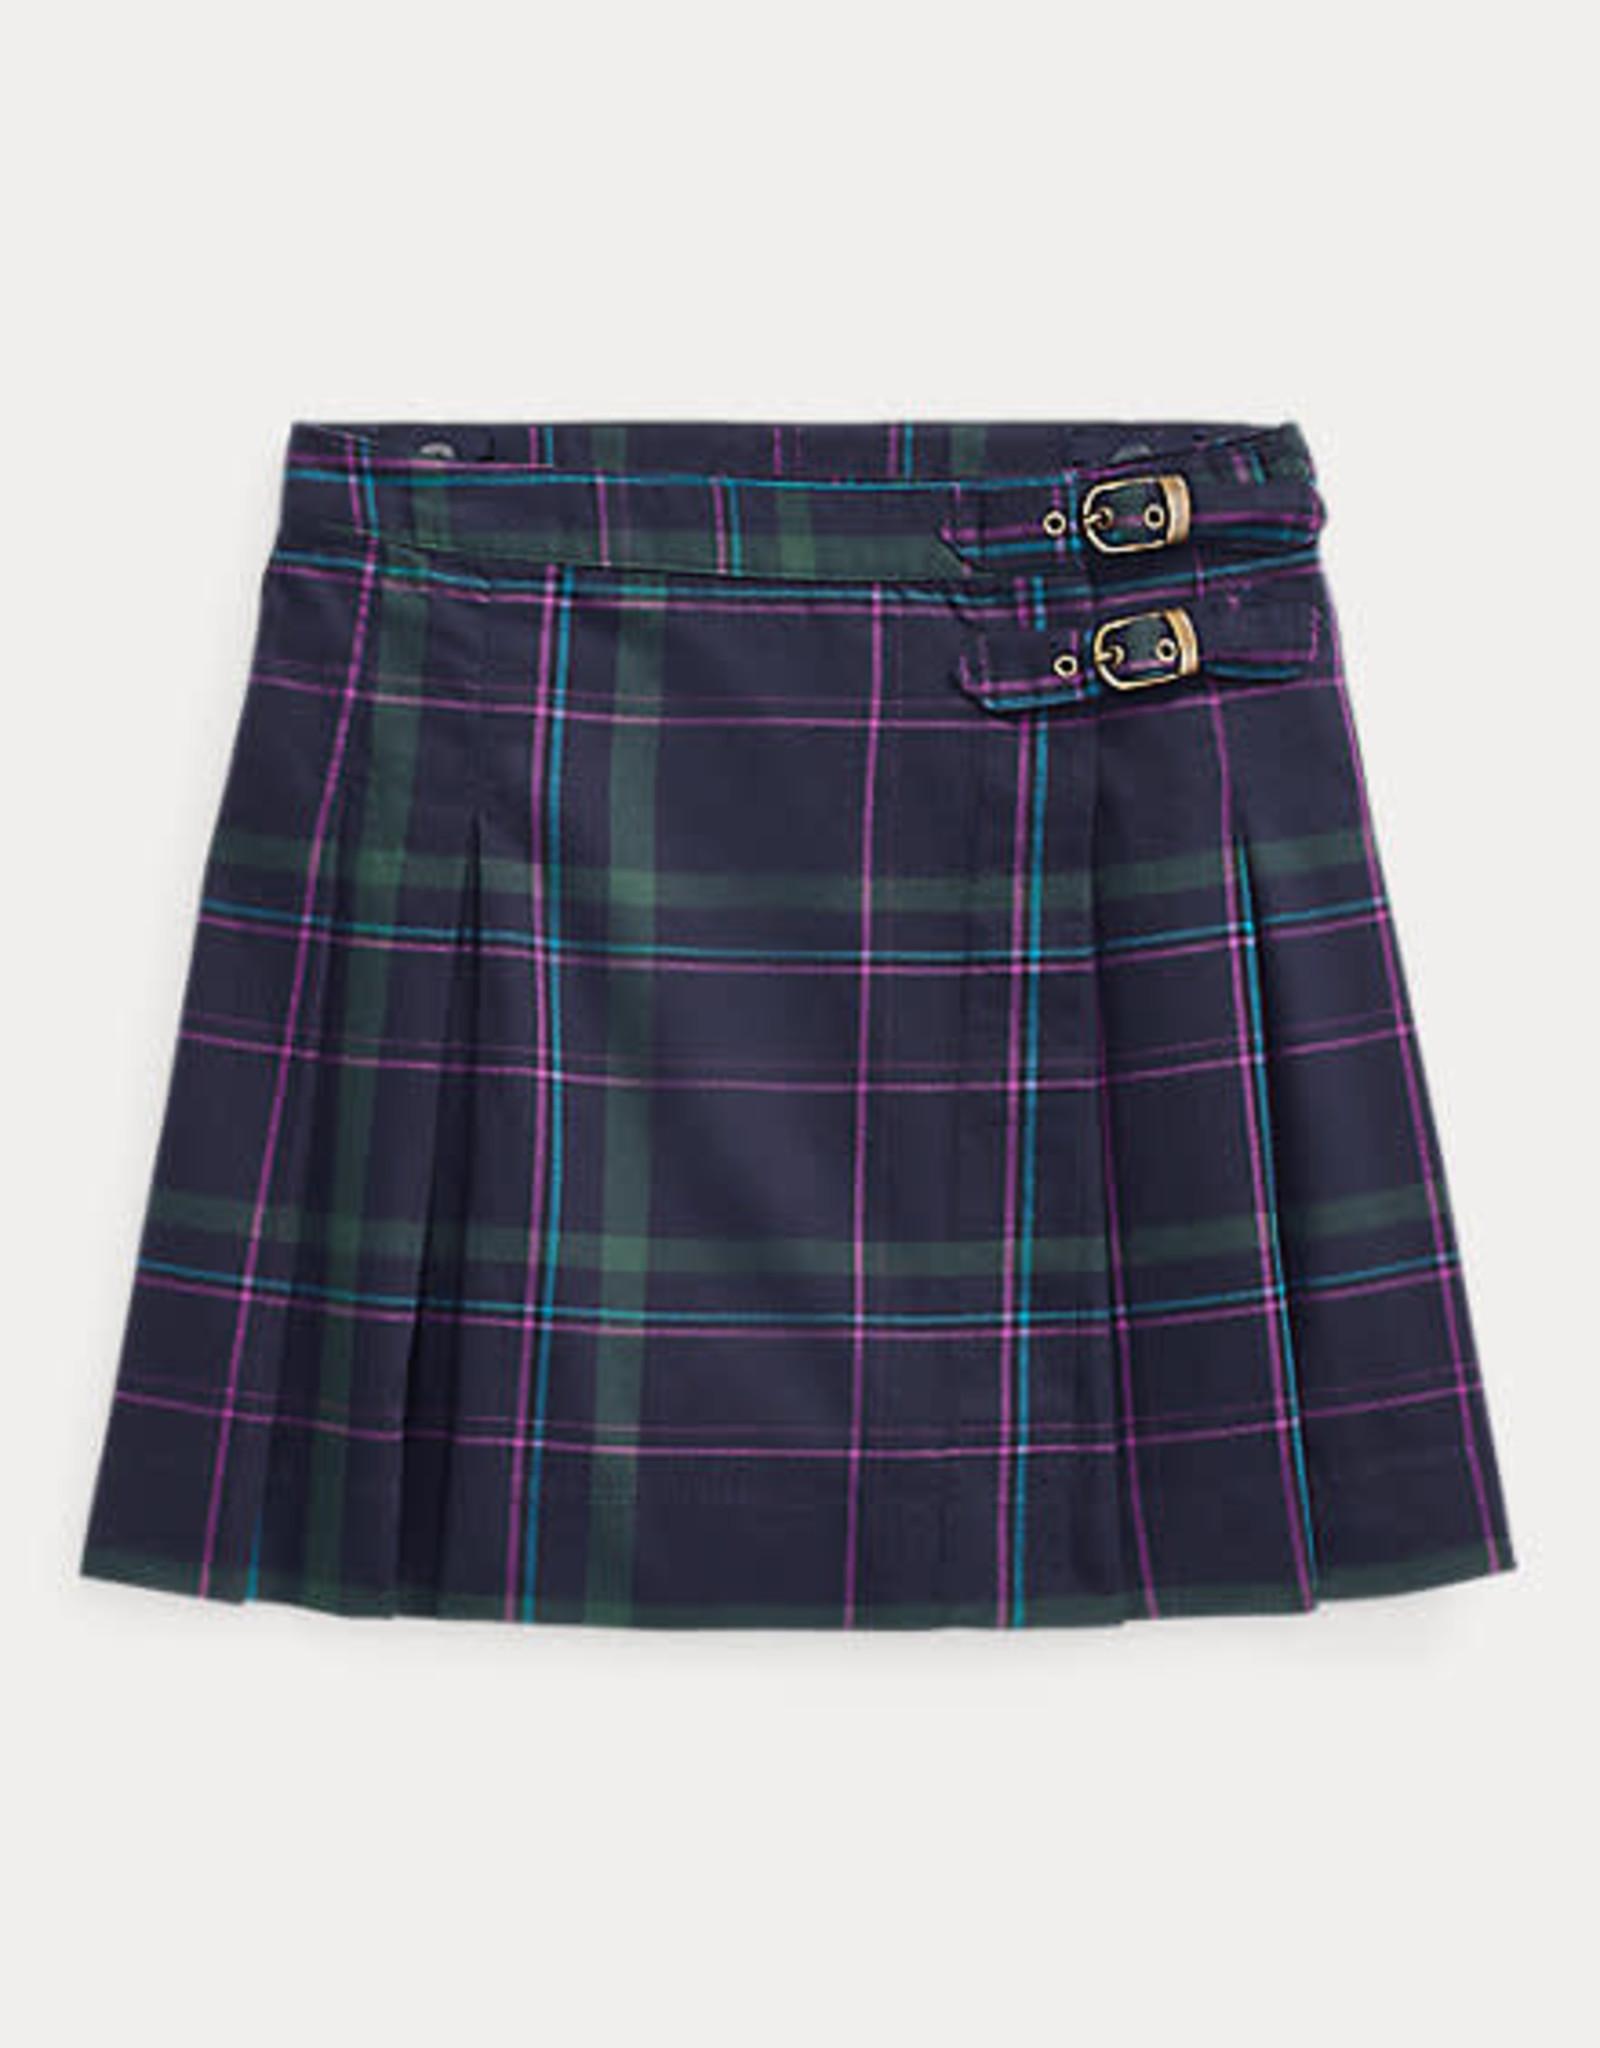 RALPH LAUREN Plaid Kilt-Bottoms-Skirt Navy Multi